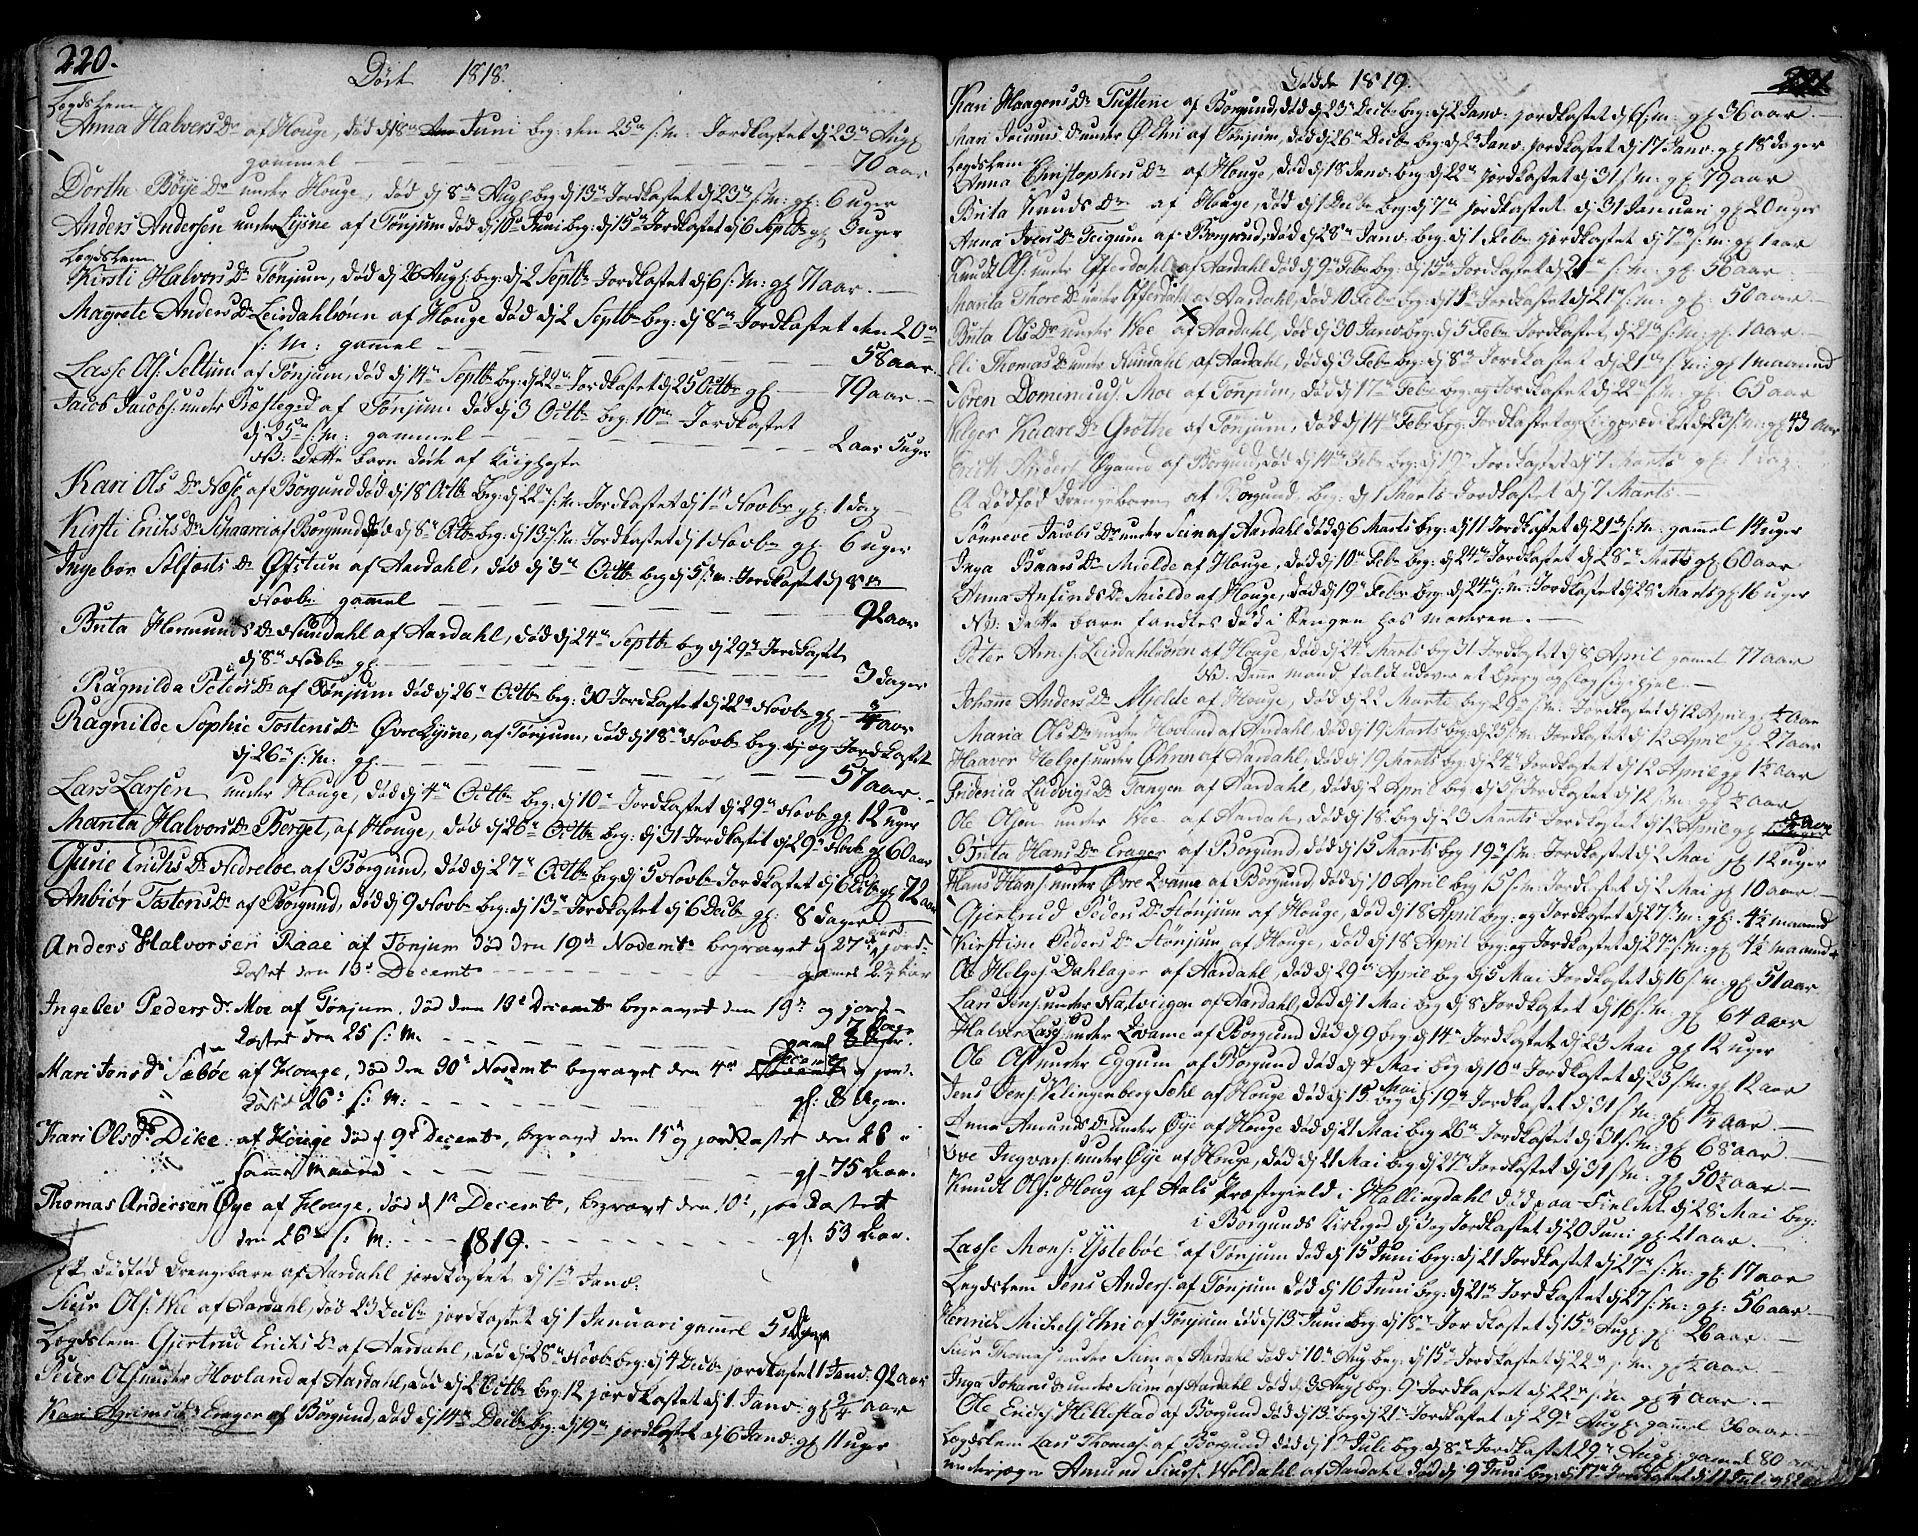 SAB, Lærdal Sokneprestembete, Ministerialbok nr. A 4, 1805-1821, s. 220-221